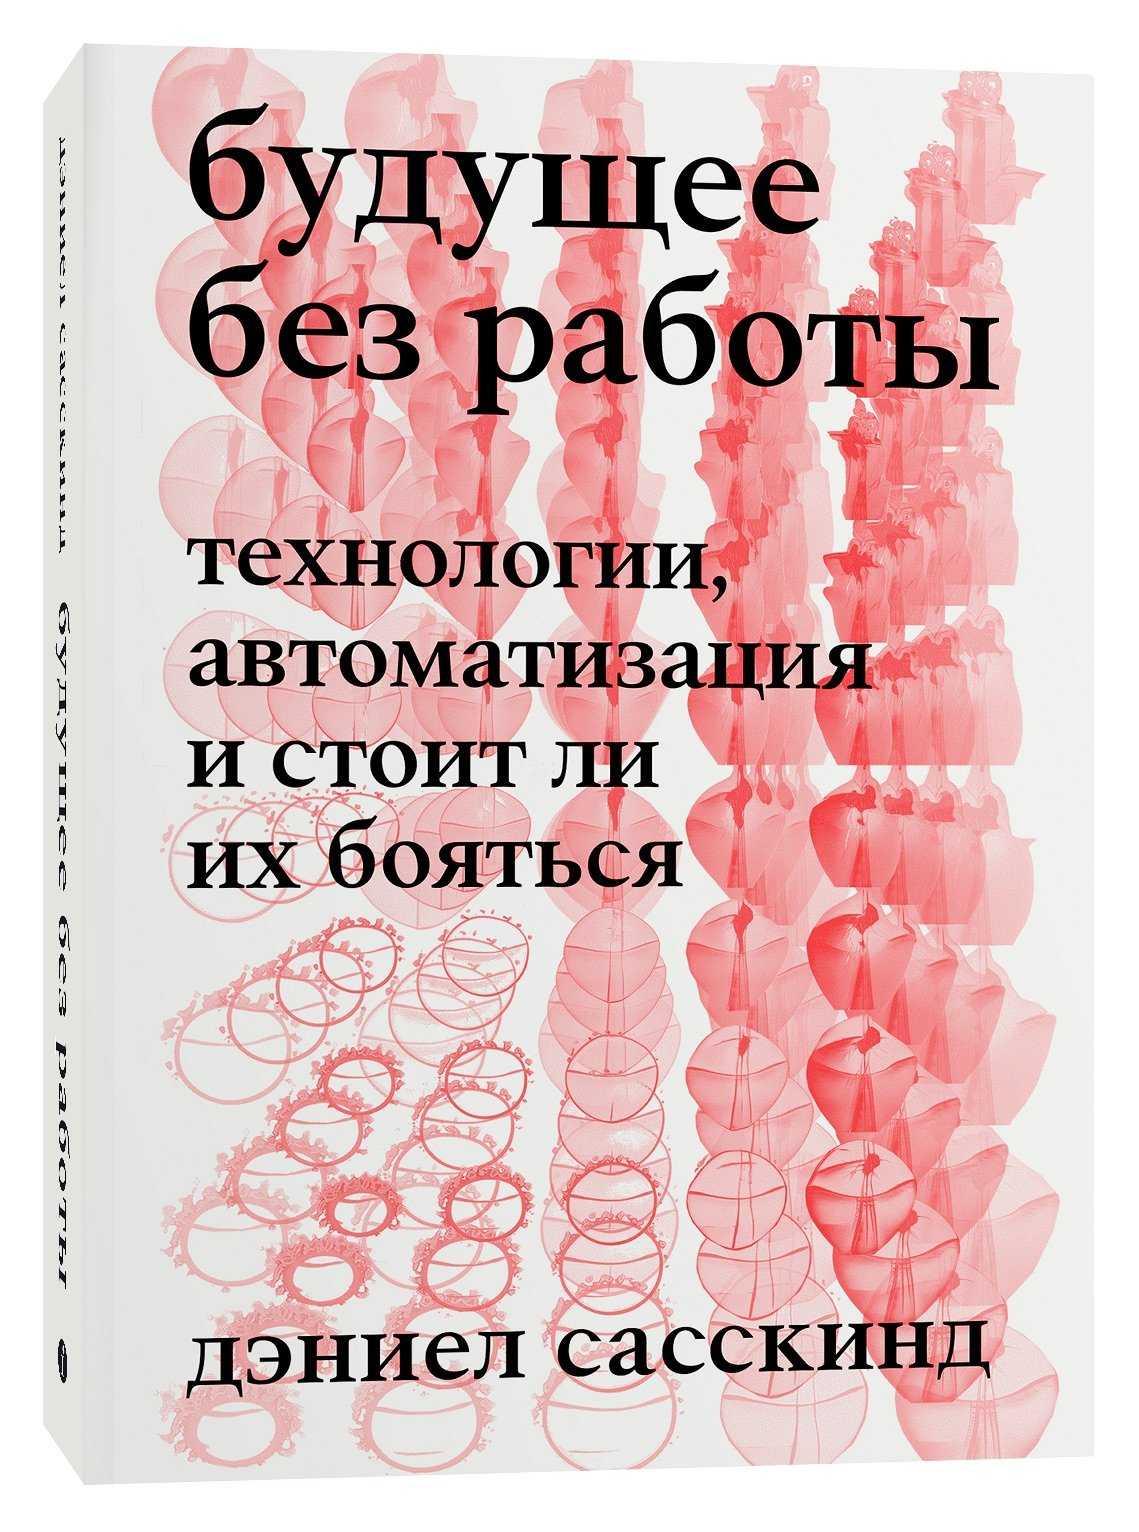 В России впервые издали книгу, переведенную Яндекс.Переводчиком (Individuum Mockup Budushee bez Maria Moskvina bfef89a3579759e9d847ed299d393879)